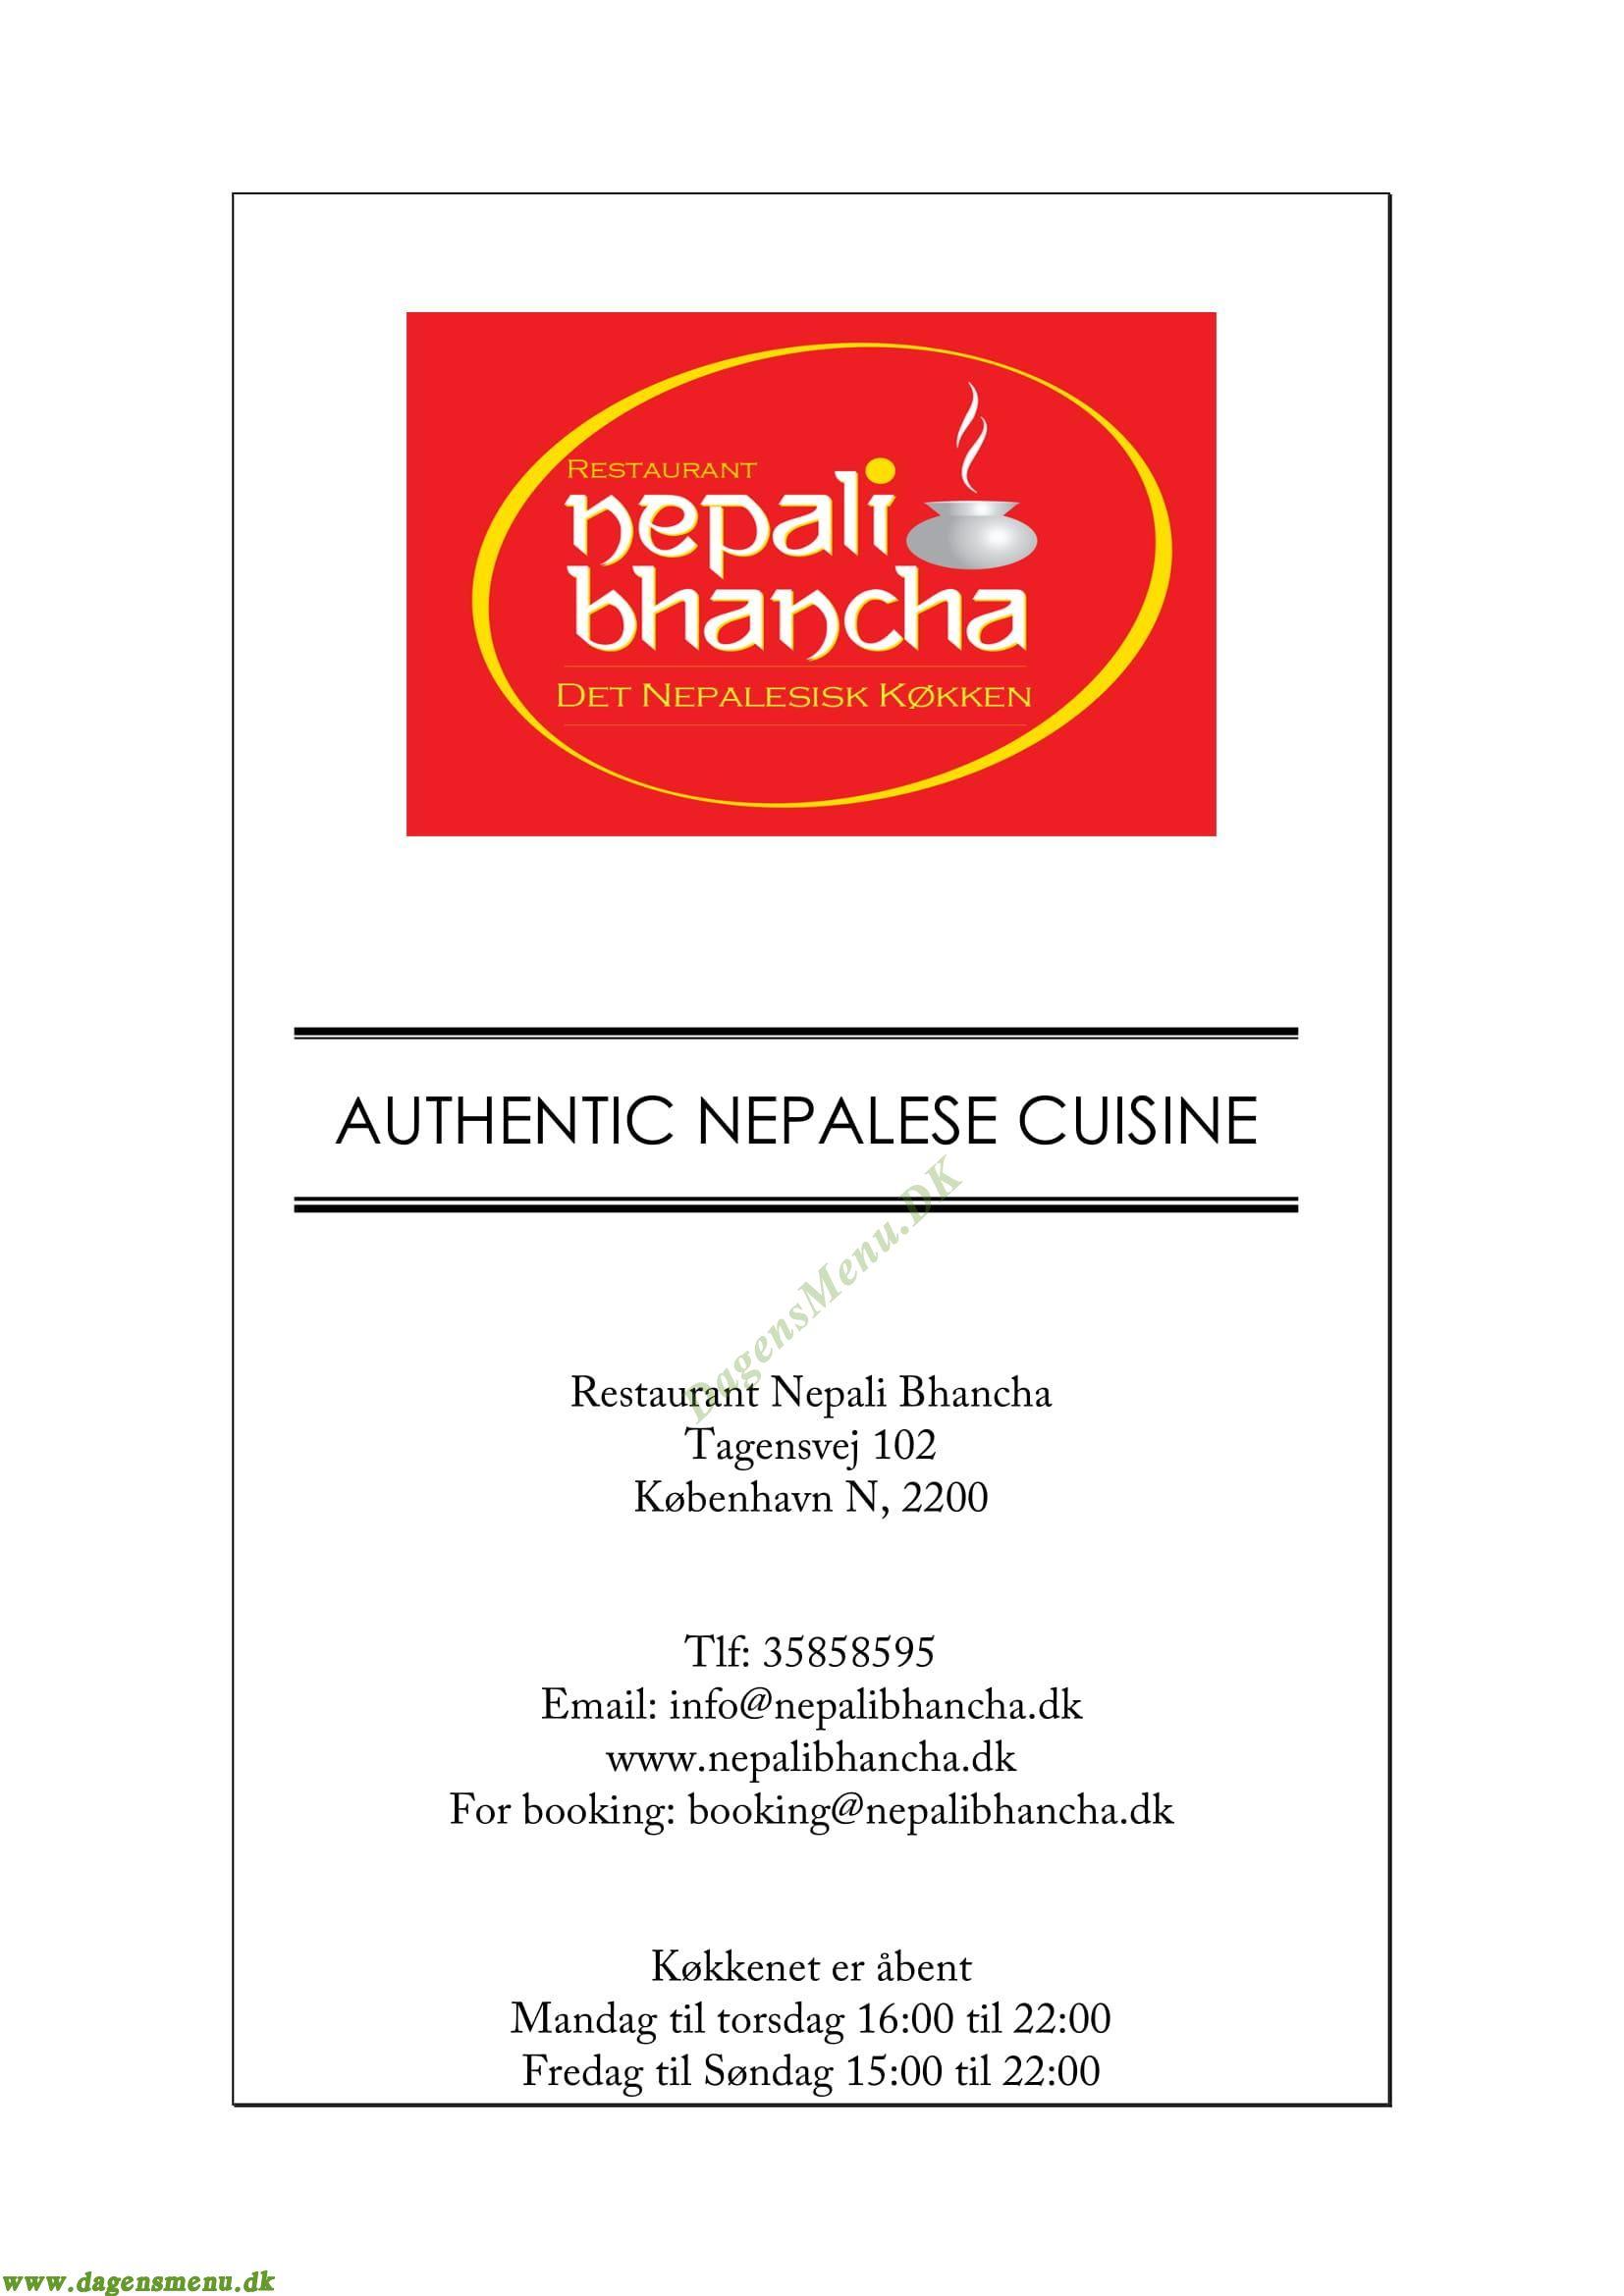 Restaurant Nepali Bhanchha Menukort